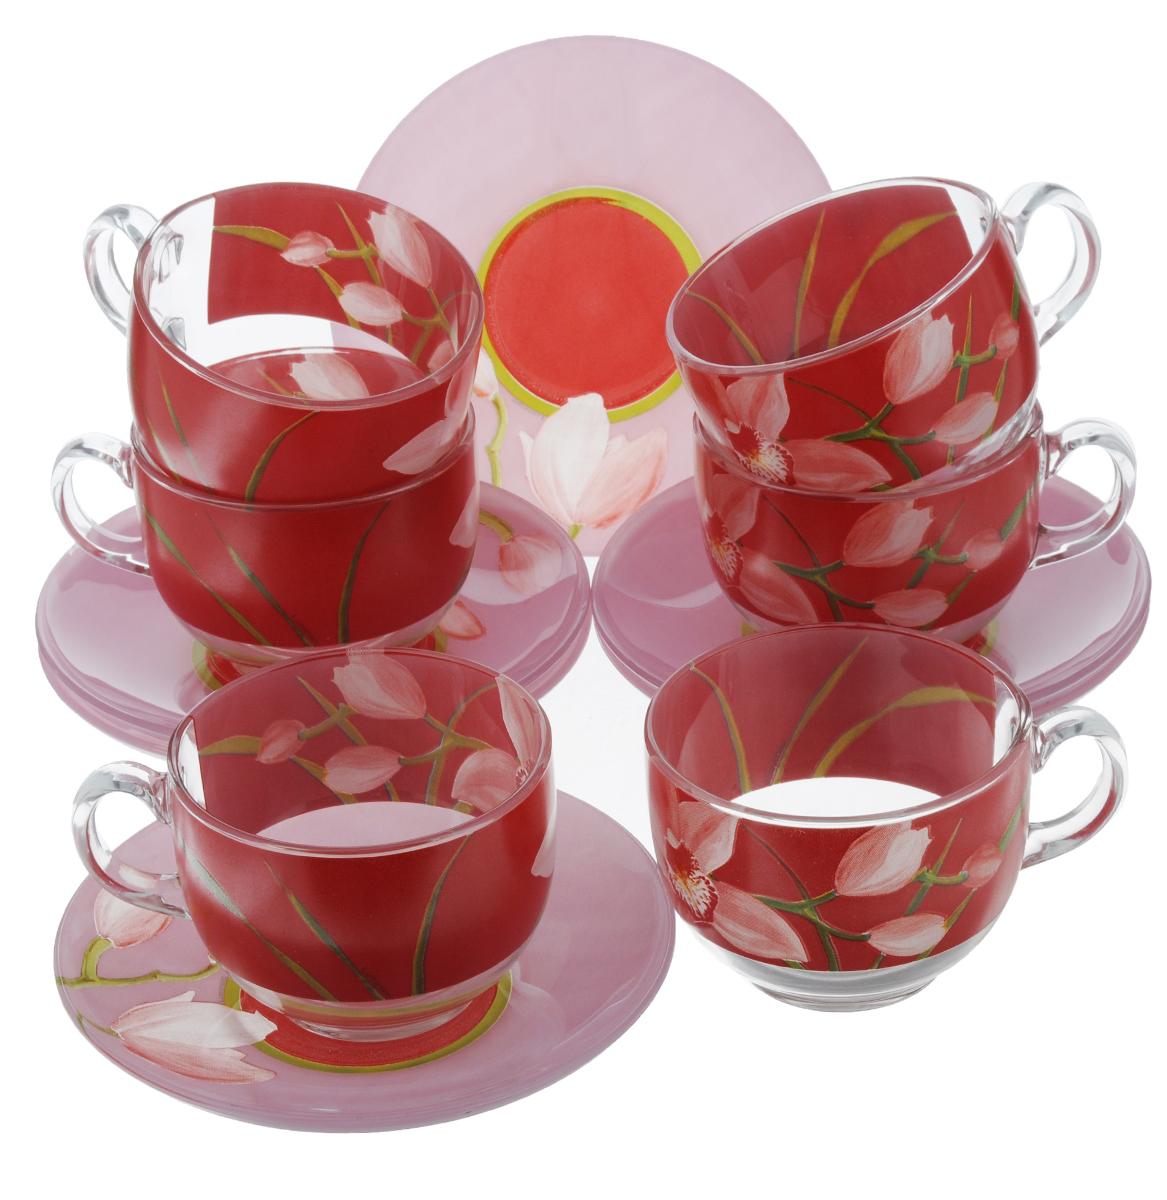 Набор чайный Luminarc Red Orchis, 12 предметовG0670Чайный набор Luminarc Red Orchis состоит из 6 чашек и 6 блюдец. Изделия, выполненные из высококачественного ударопрочного стекла, имеют элегантный дизайн с красивым цветочным рисунком. Посуда отличается прочностью, гигиеничностью и долгим сроком службы, она устойчива к появлению царапин и резким перепадам температур. Такой набор прекрасно подойдет как для повседневного использования, так и для праздников. Чайный набор Luminarc Red Orchis - это не только яркий и полезный подарок для родных и близких, но также великолепное дизайнерское решение для вашей кухни или столовой. Объем чашки: 220 мл. Диаметр чашки (по верхнему краю): 8,2 см. Высота чашки: 6,5 см.Диаметр блюдца (по верхнему краю): 14 см.Высота блюдца: 2 см.